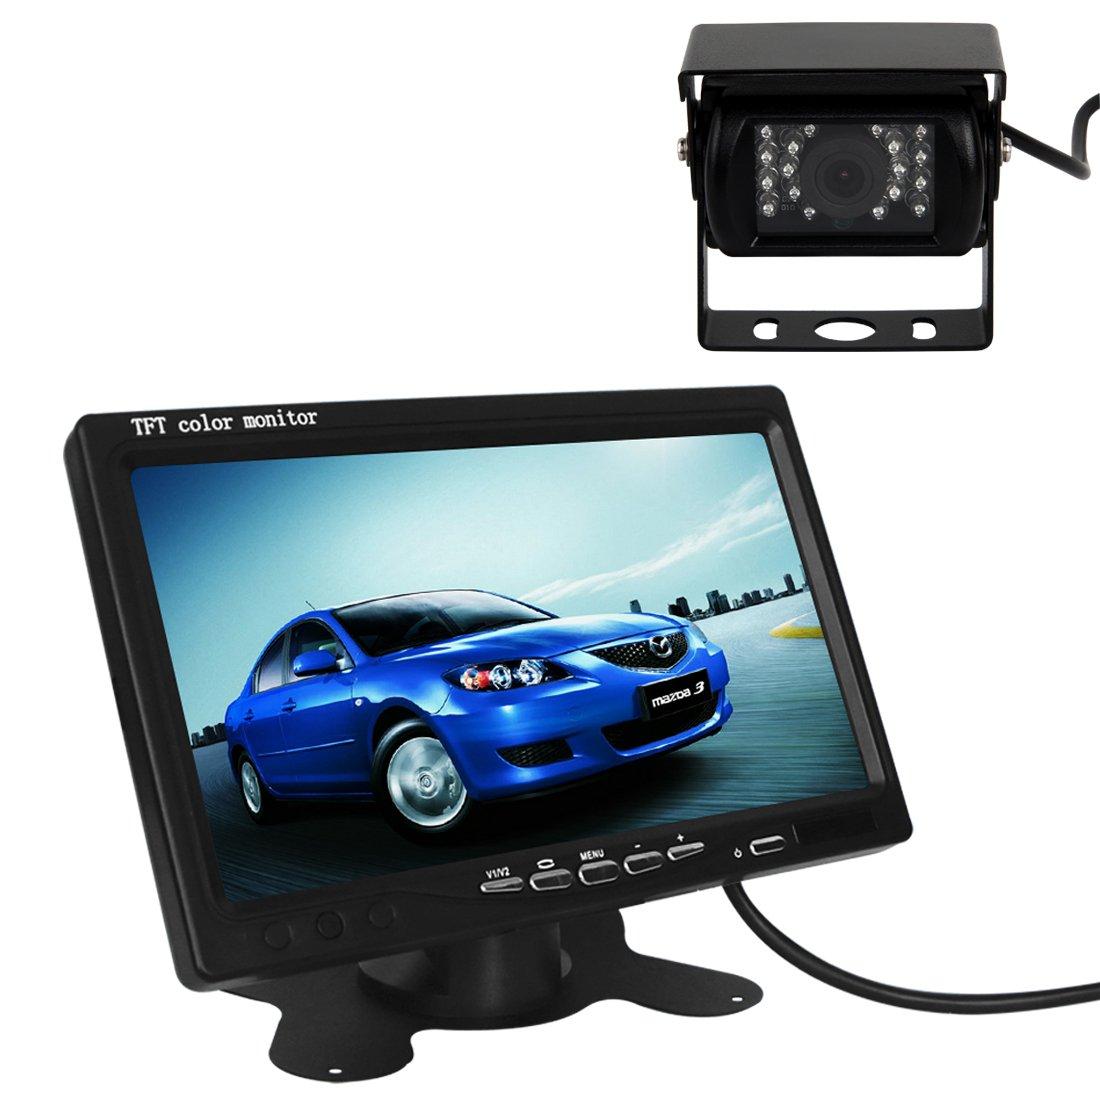 Pathson Monitor LCD TFT de 7 Pulgadas + 2 cá maras de Marcha atrá s Noche Resistente al Agua 18 Lá mparas infrarrojas Kit de Vista Trasera Color del Coche ES004